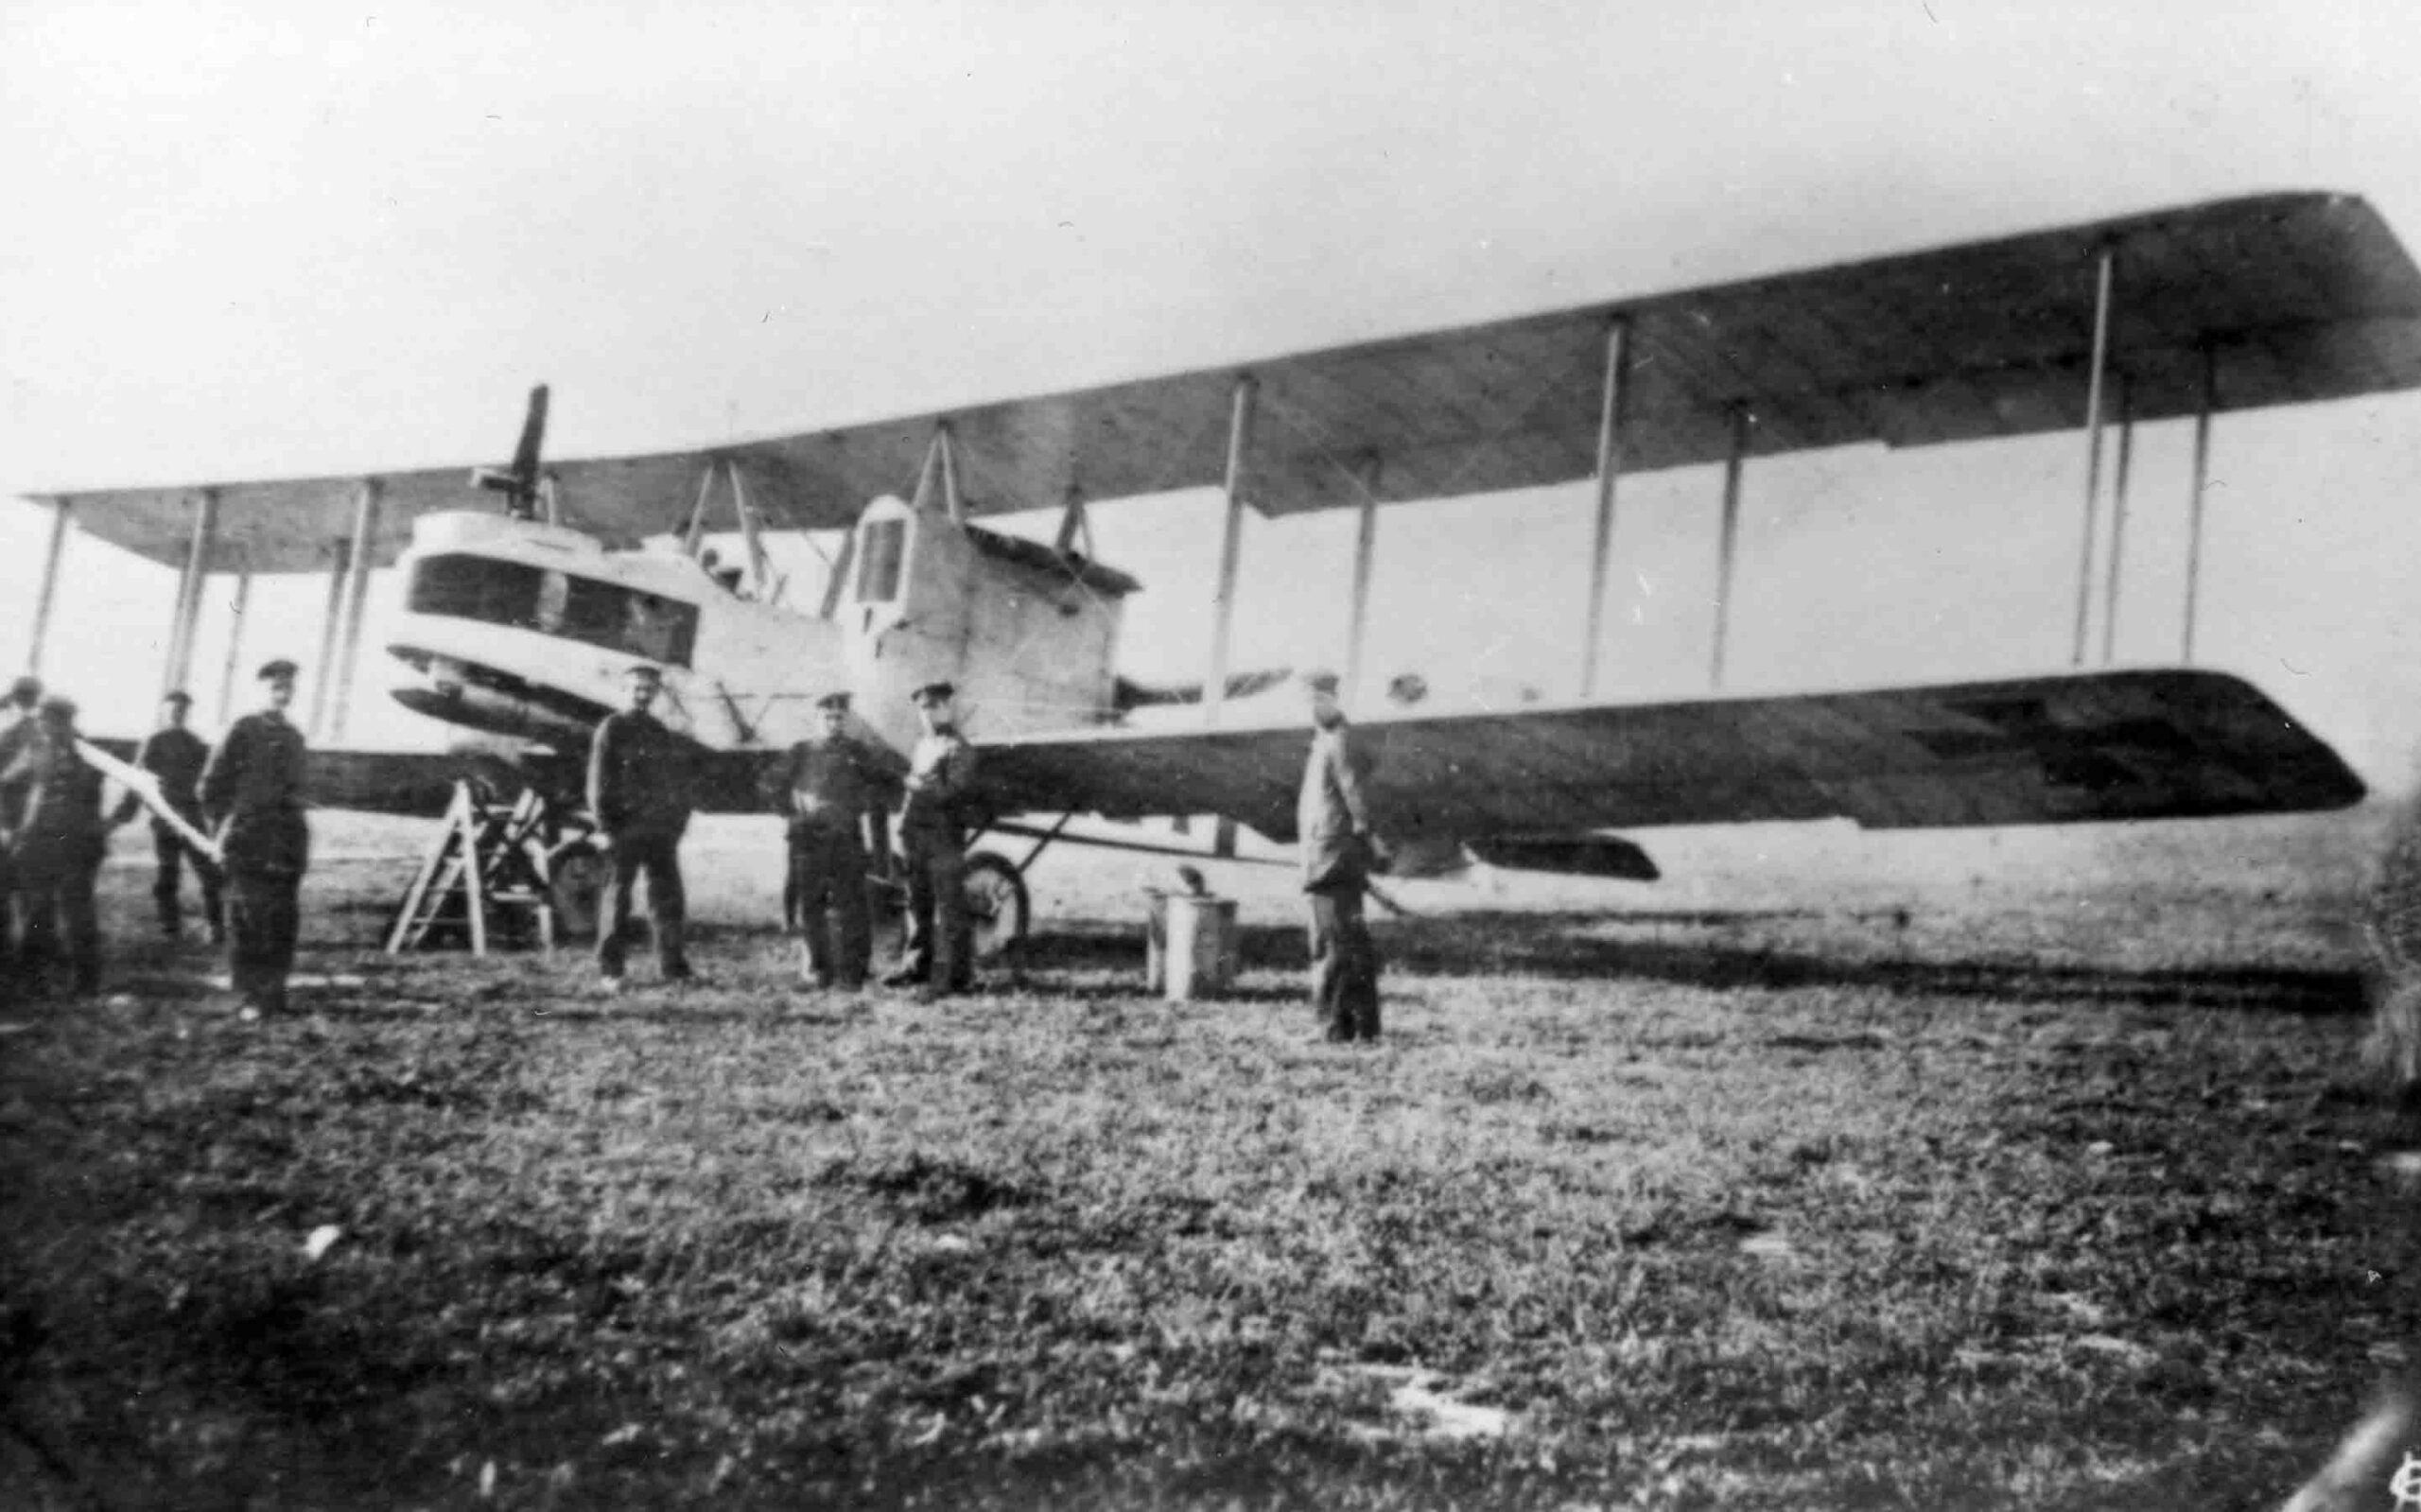 A Gotha G.IV